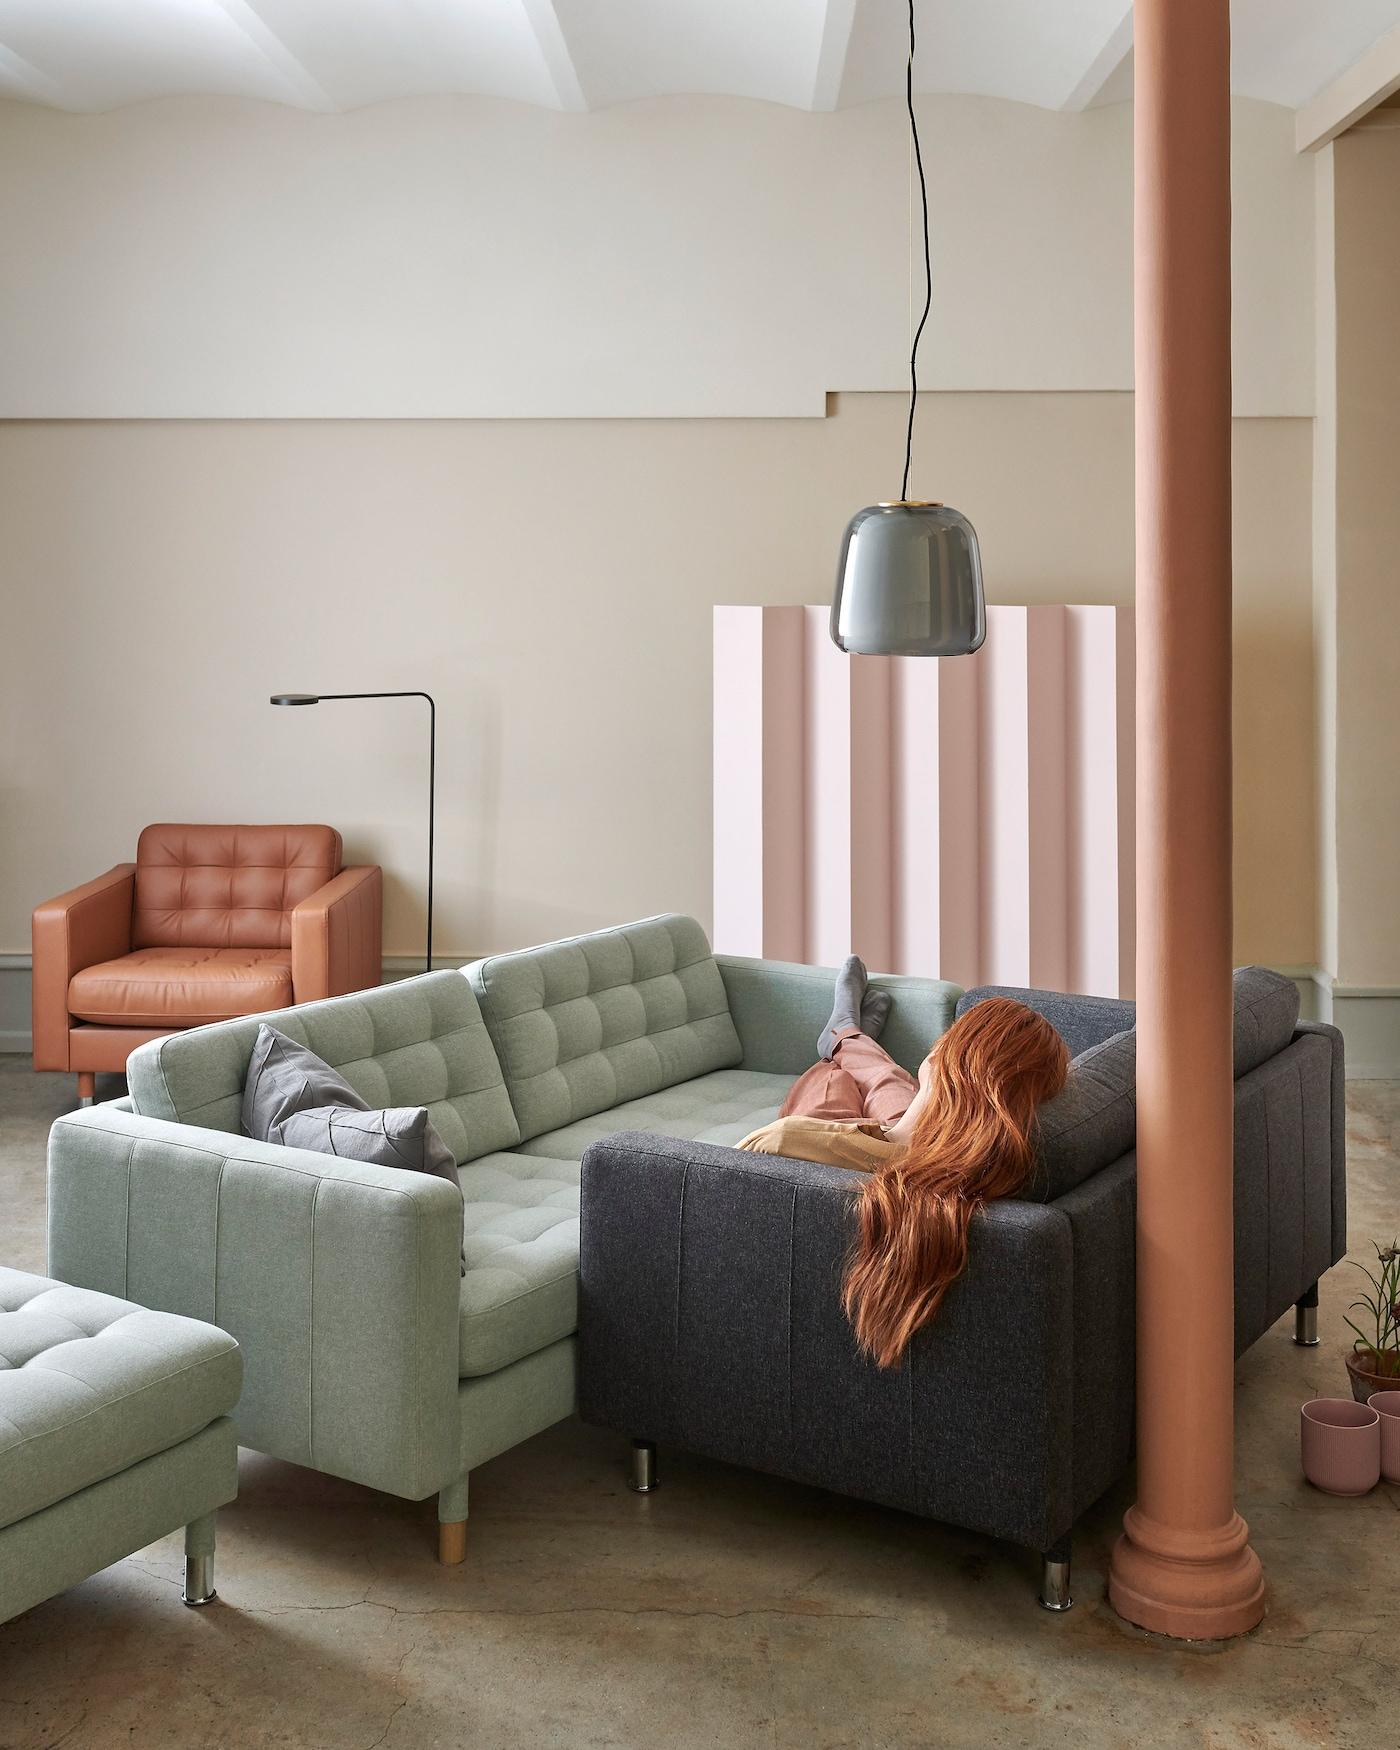 LANDSKRONA-sohvaan on nyt saatavana kolme uutta päällistä: tummanharmaa ja vaaleanvihreä kangaspäällinen sekä kullanruskea nahkapäällinen. Sohva edustaa tyyliltään 60-lukua.